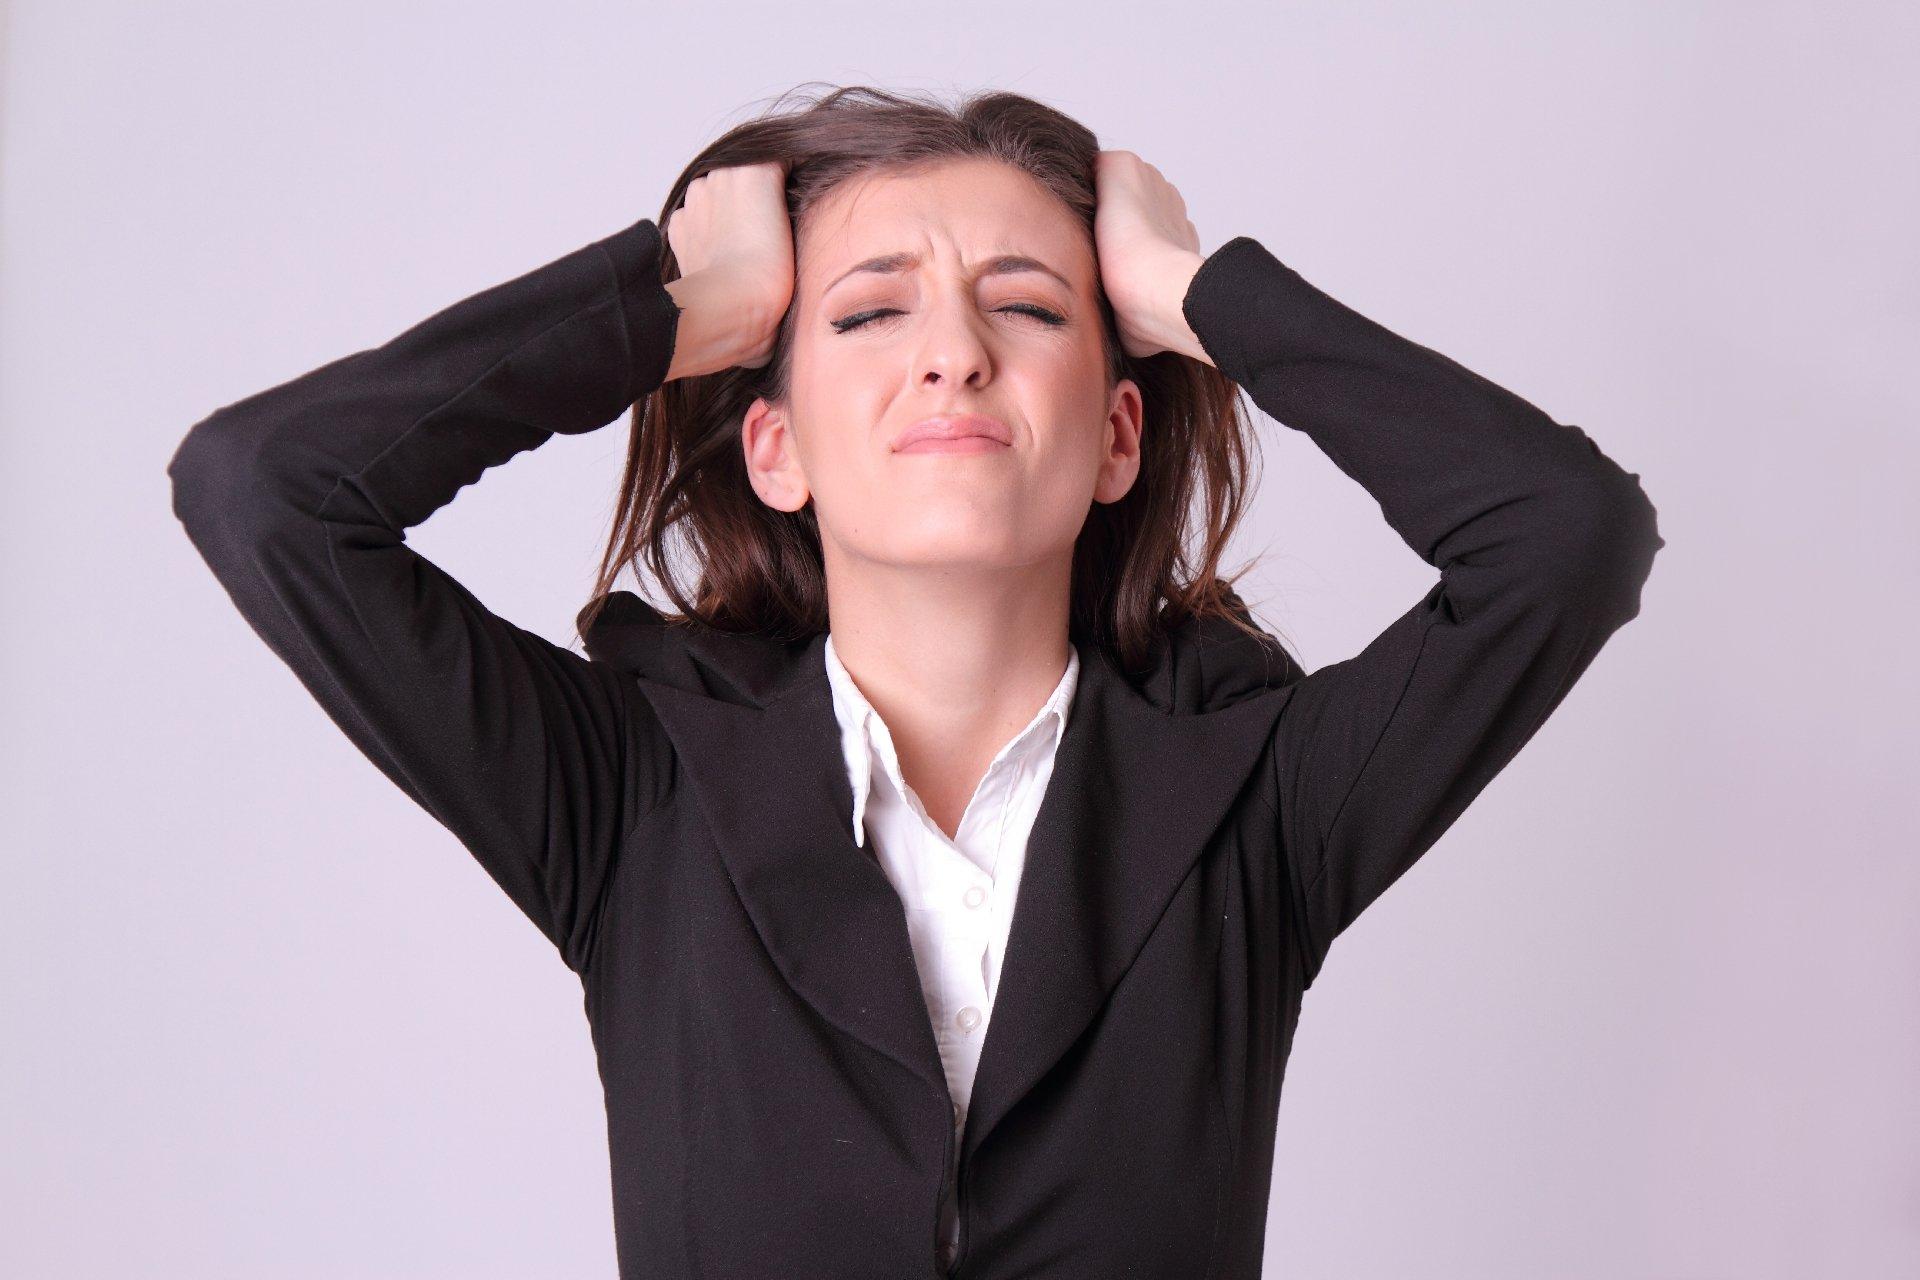 「イライラ 睡眠障害」の画像検索結果